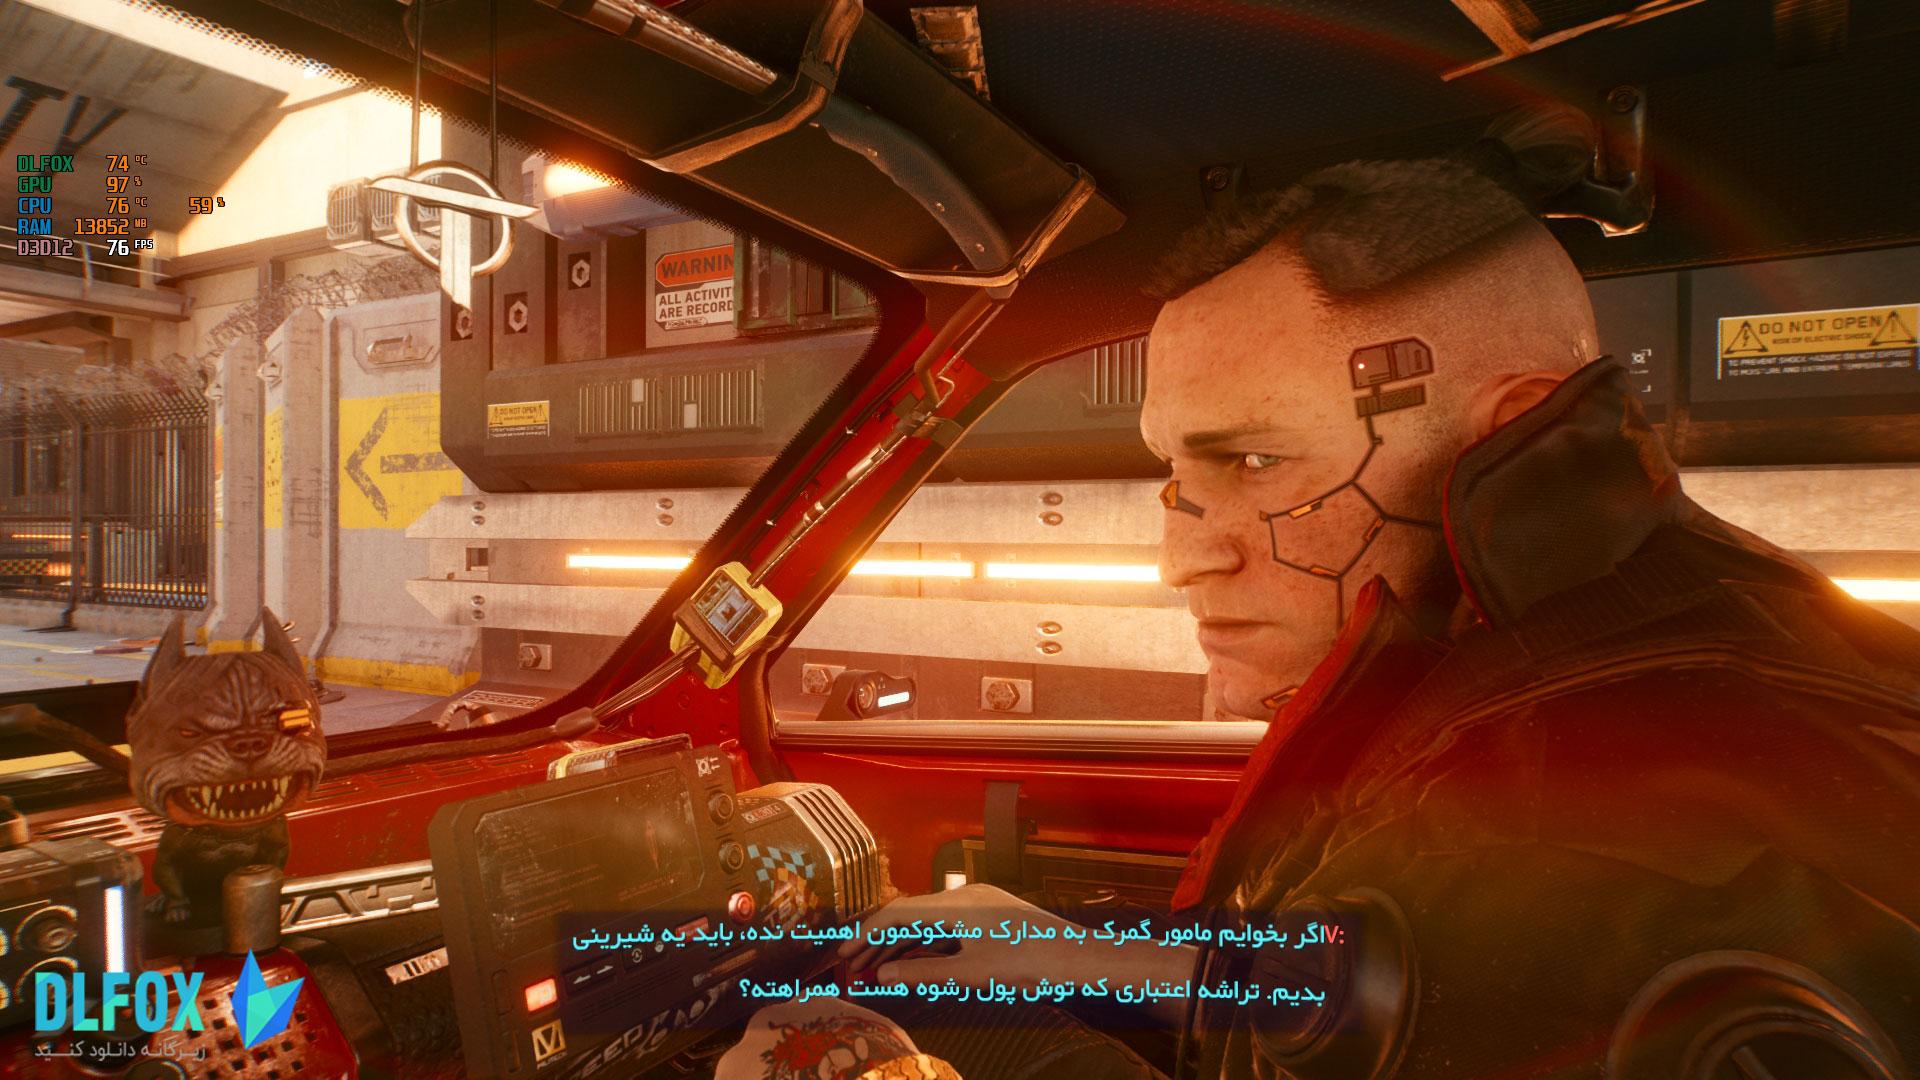 فارسی ساز بازی Cyberpunk 2077 برای PC و PS4